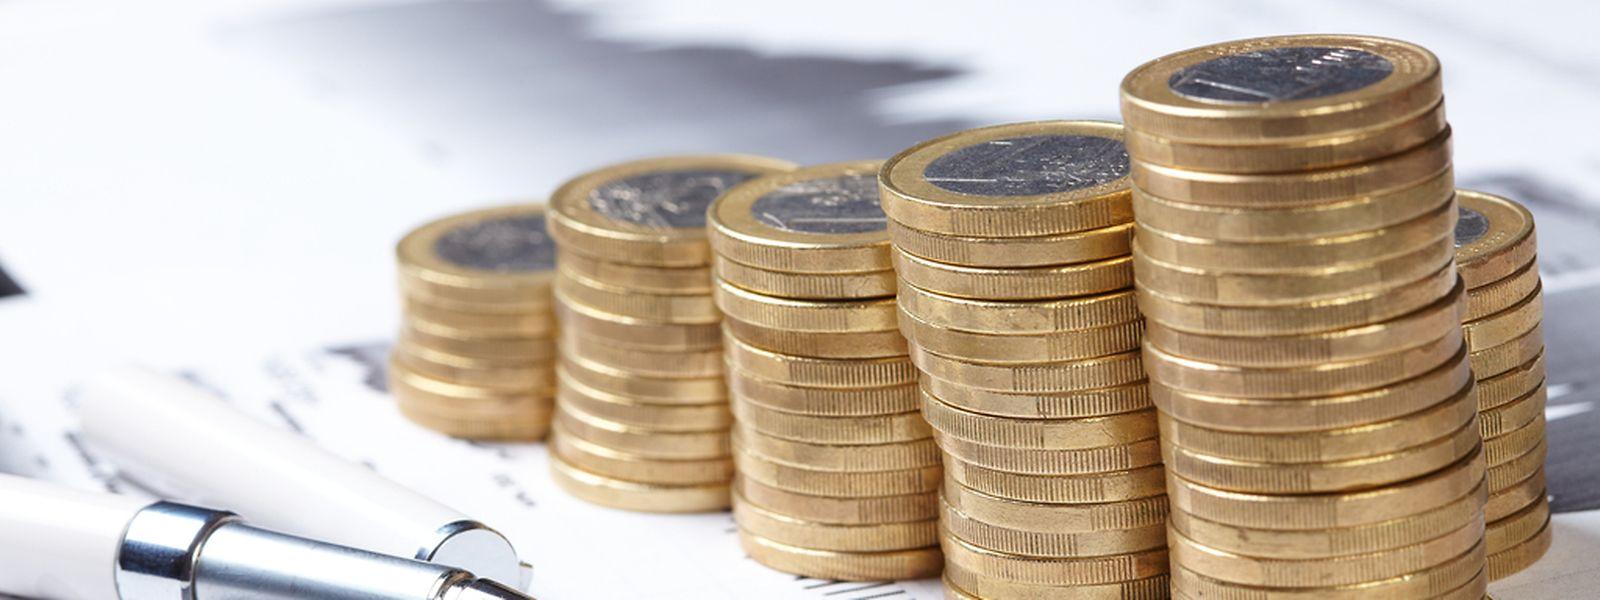 Nur Dänemark, Schweden und Frankreich haben einen höheren durchschnittlichen Stundenlohn als Luxemburg.